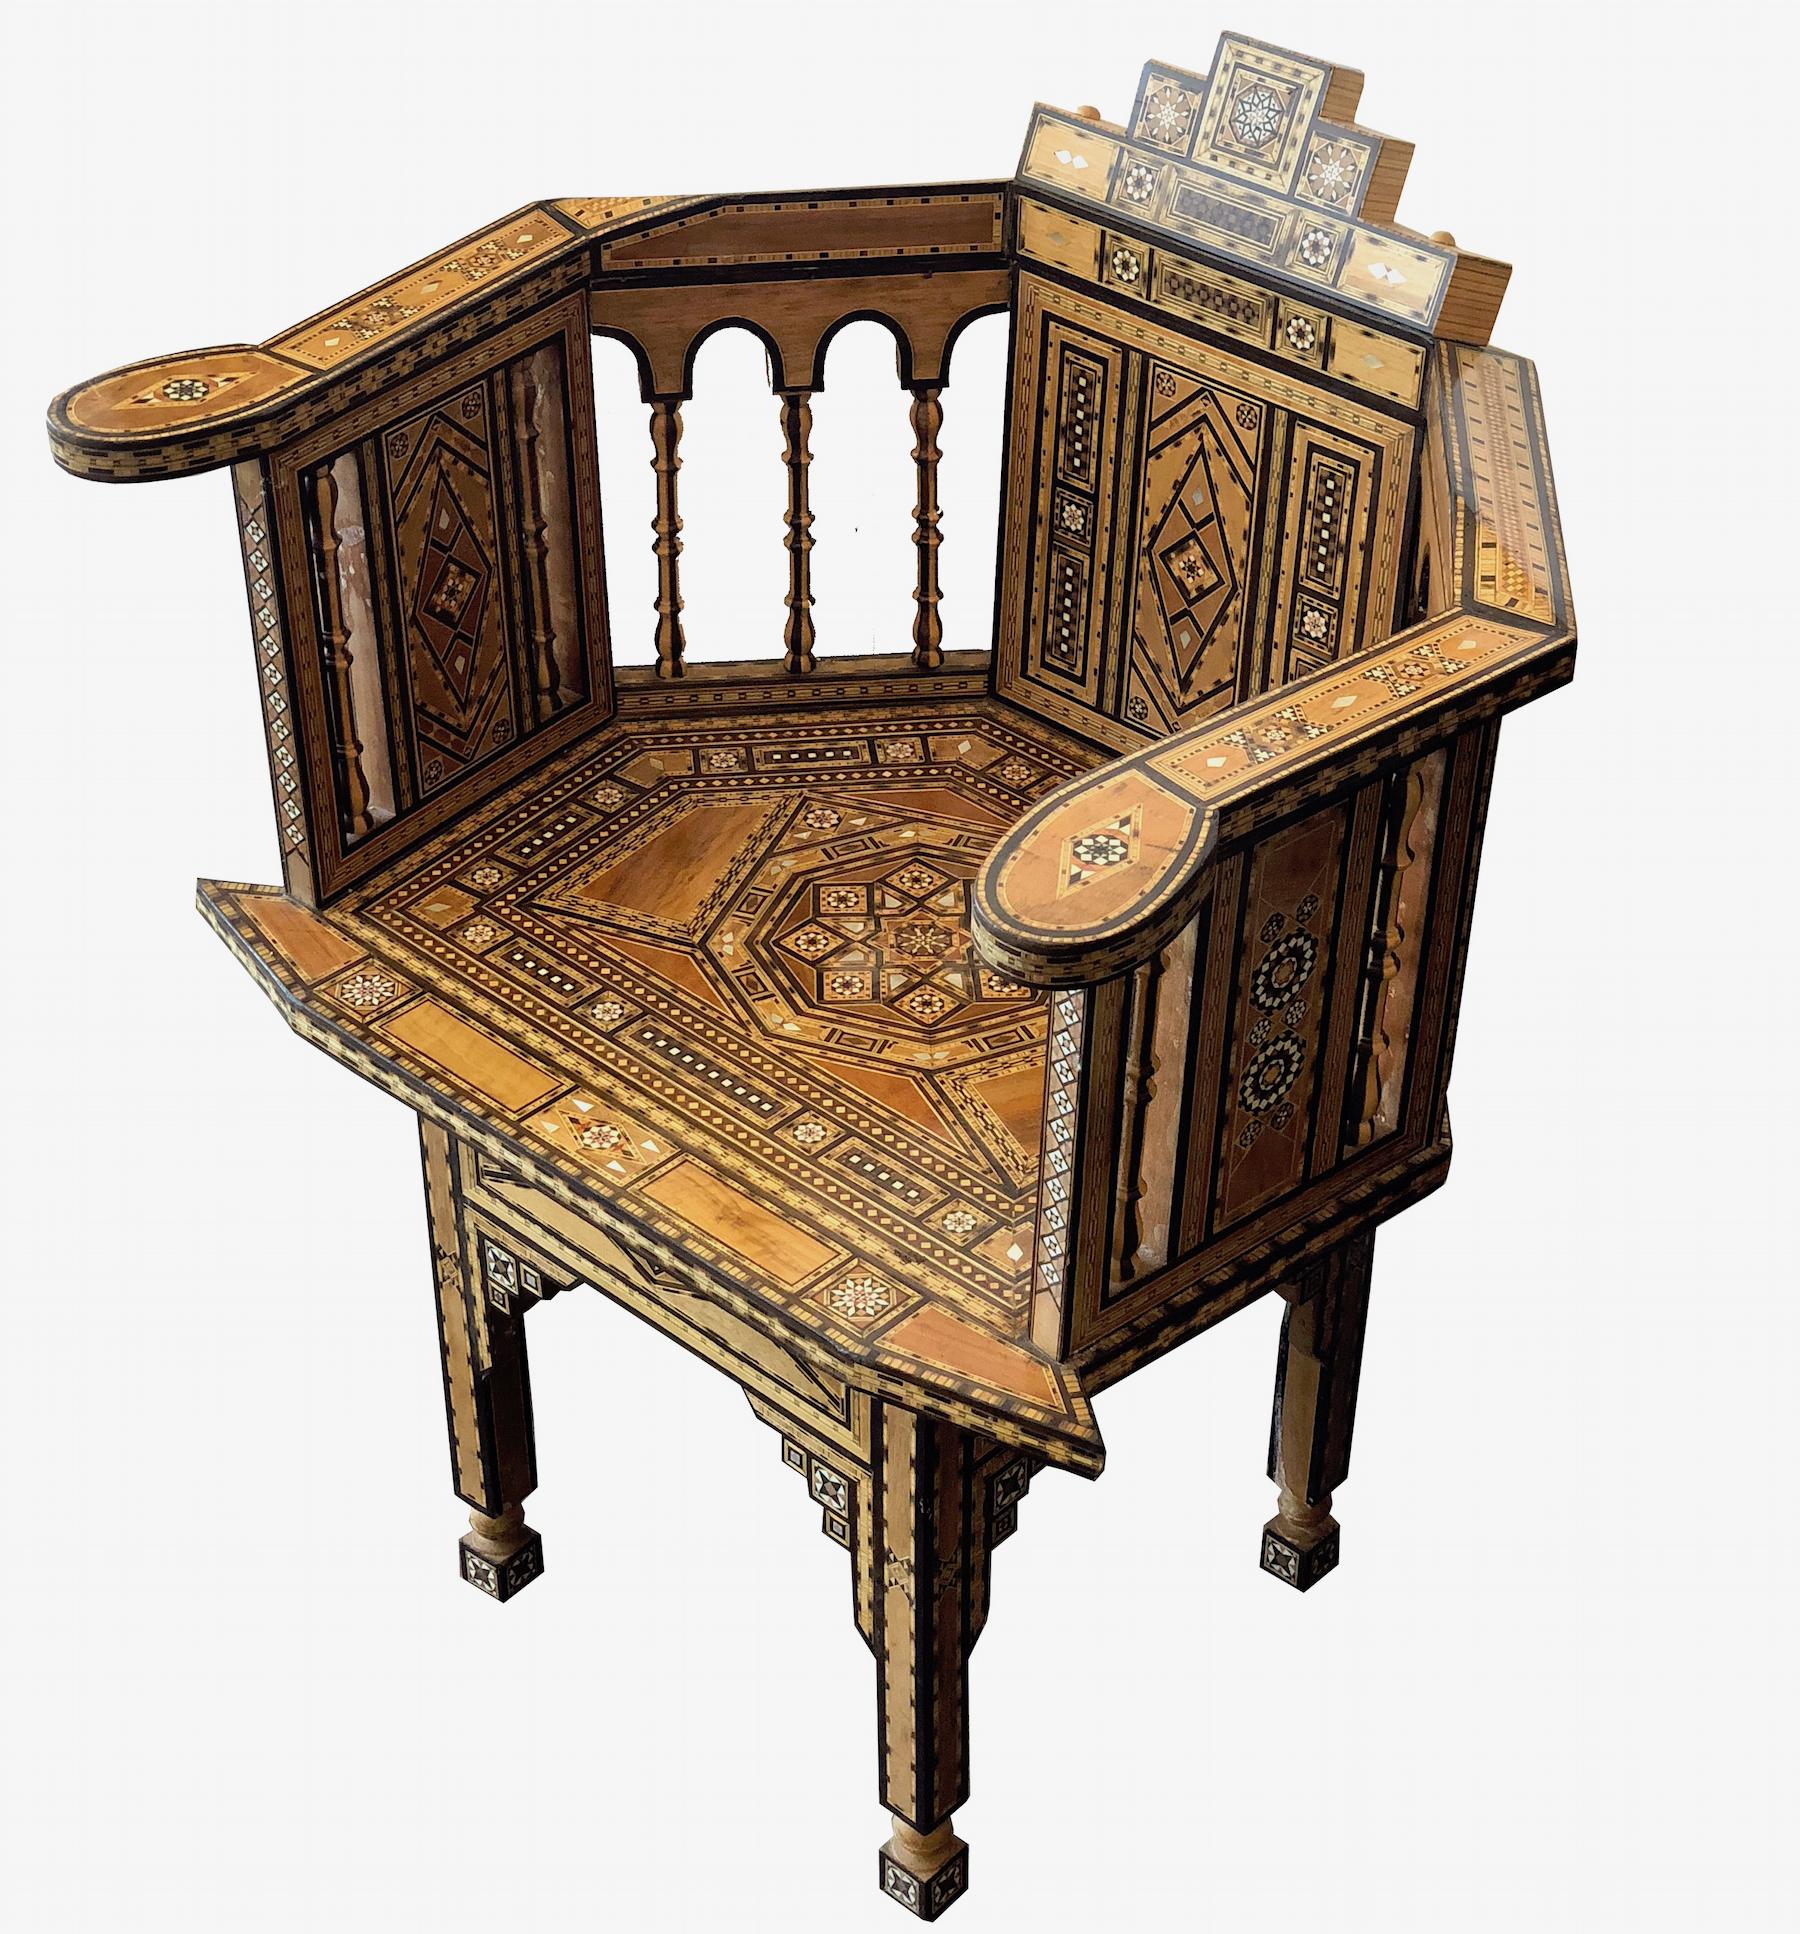 Antique Moorish style chair